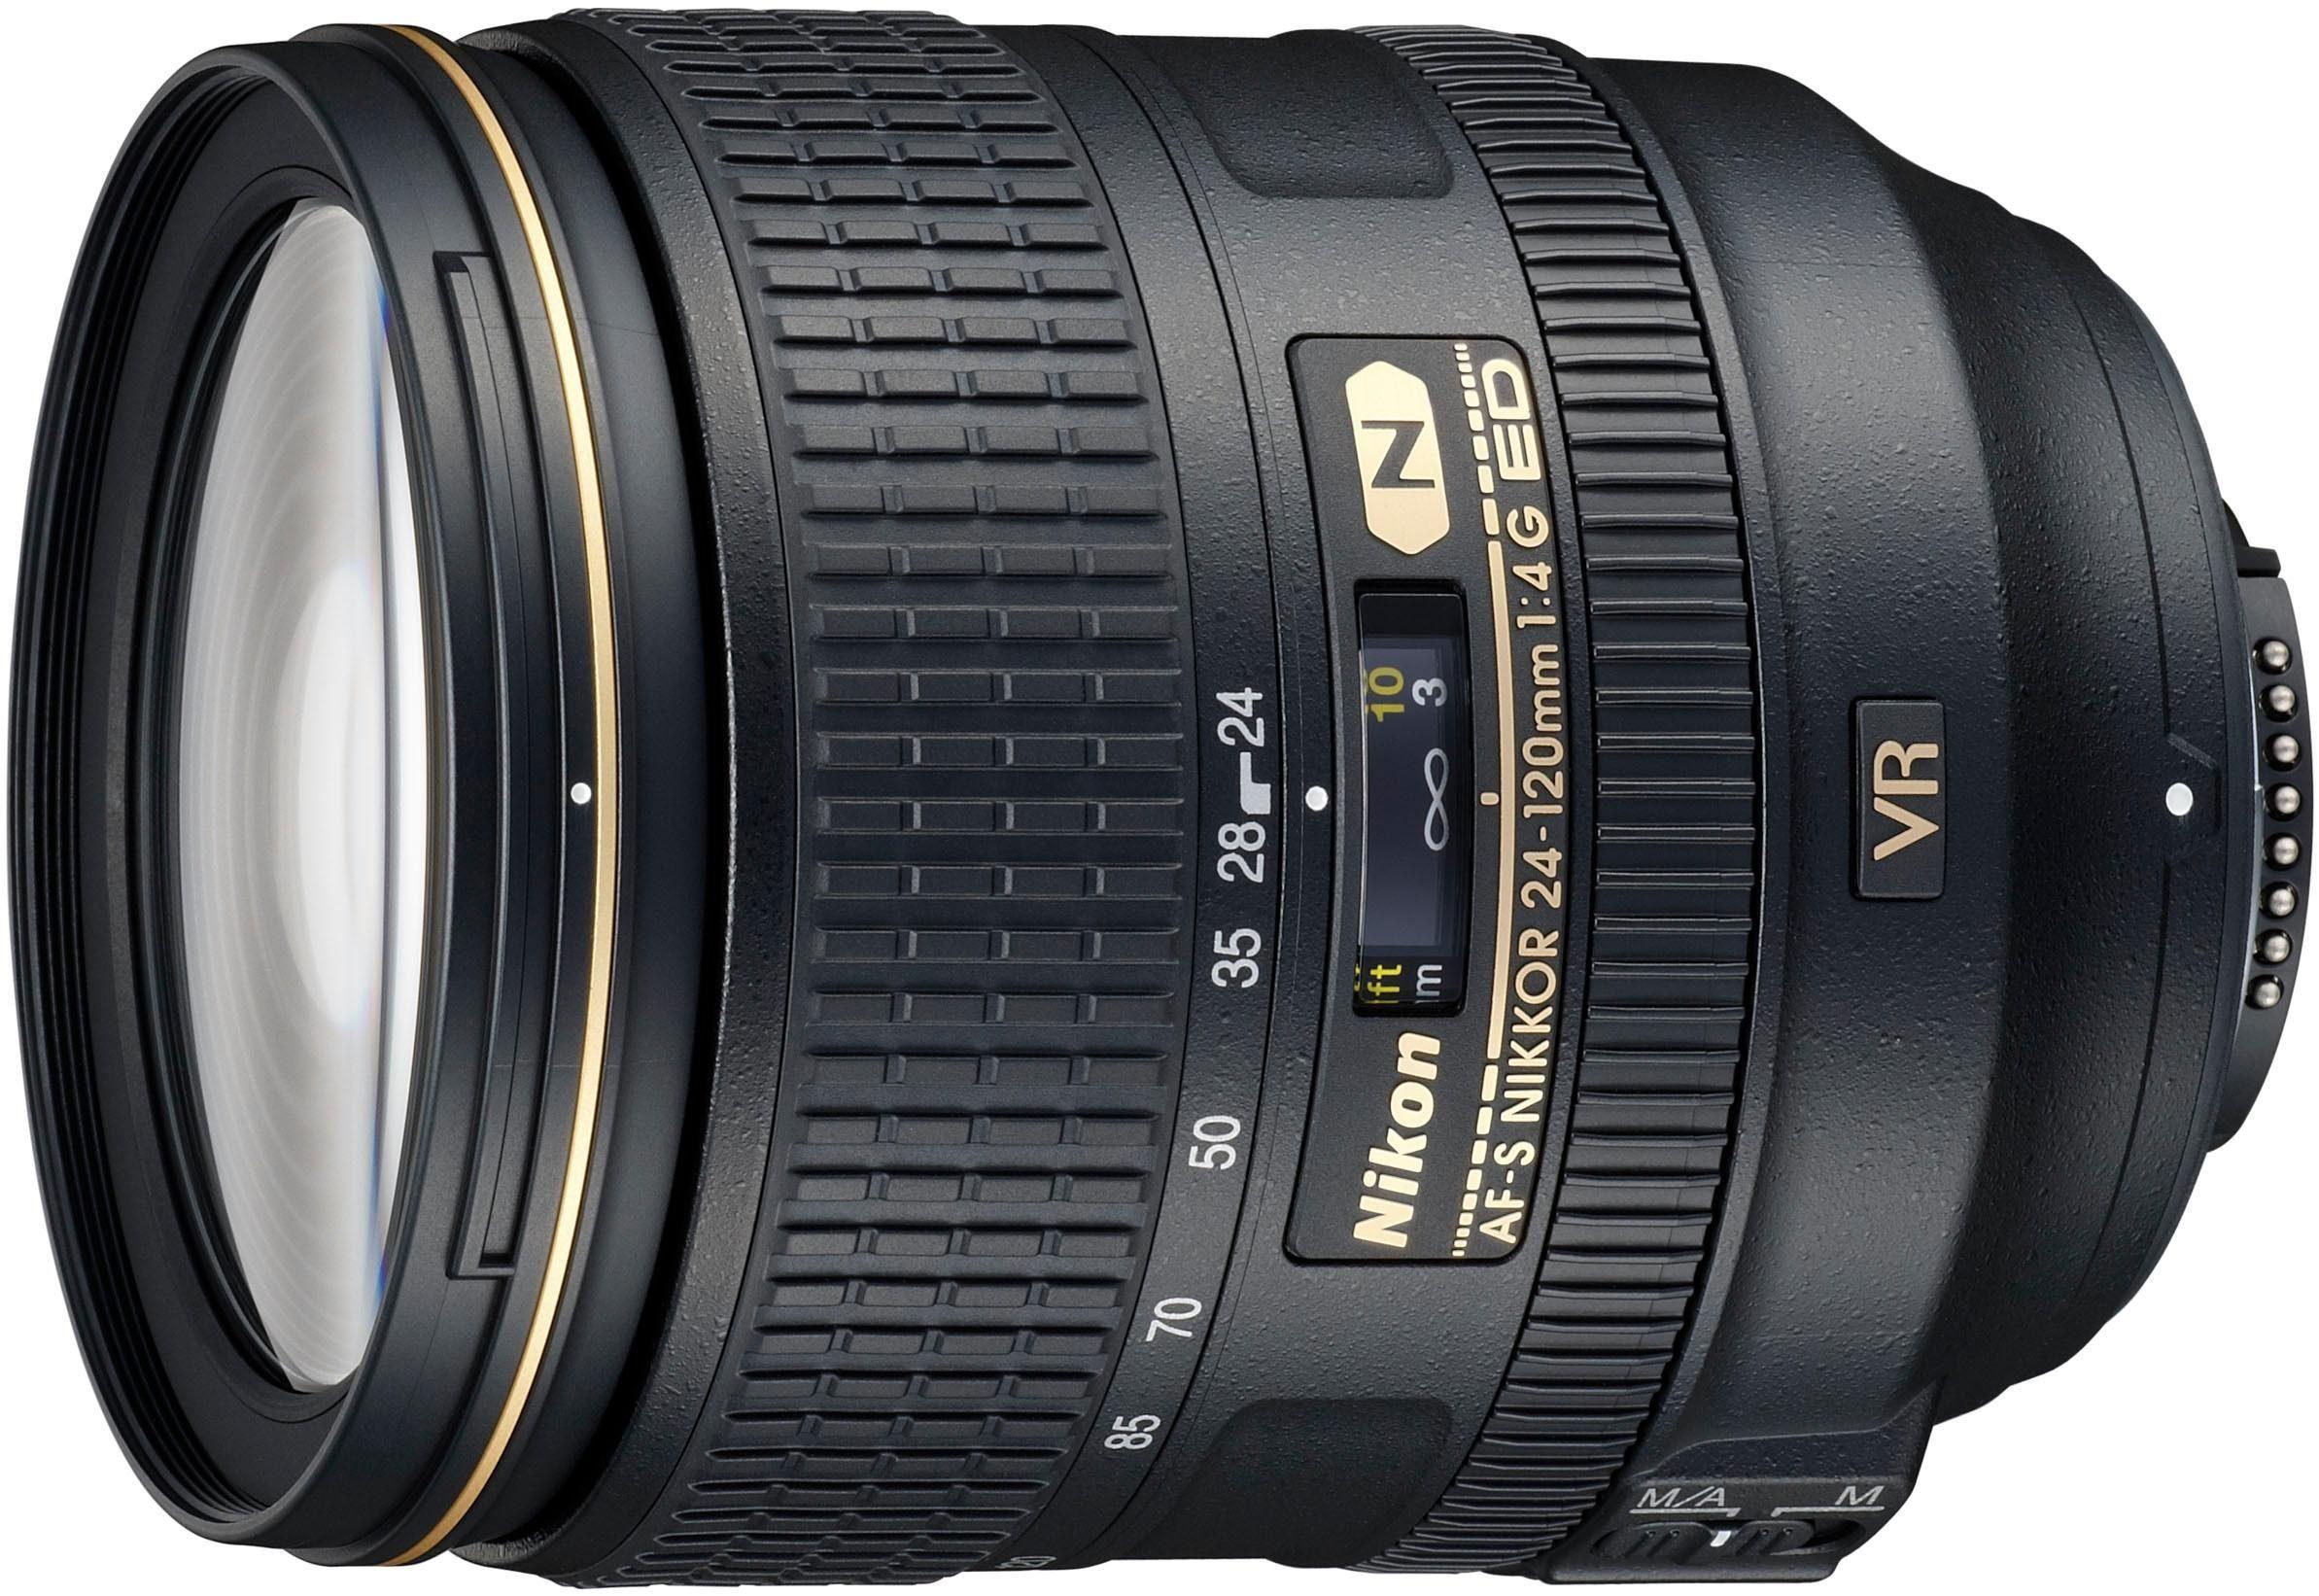 Nikon »AF-S NIKKOR 24-120 MM 1:4G ED VR« Zoomobjektiv